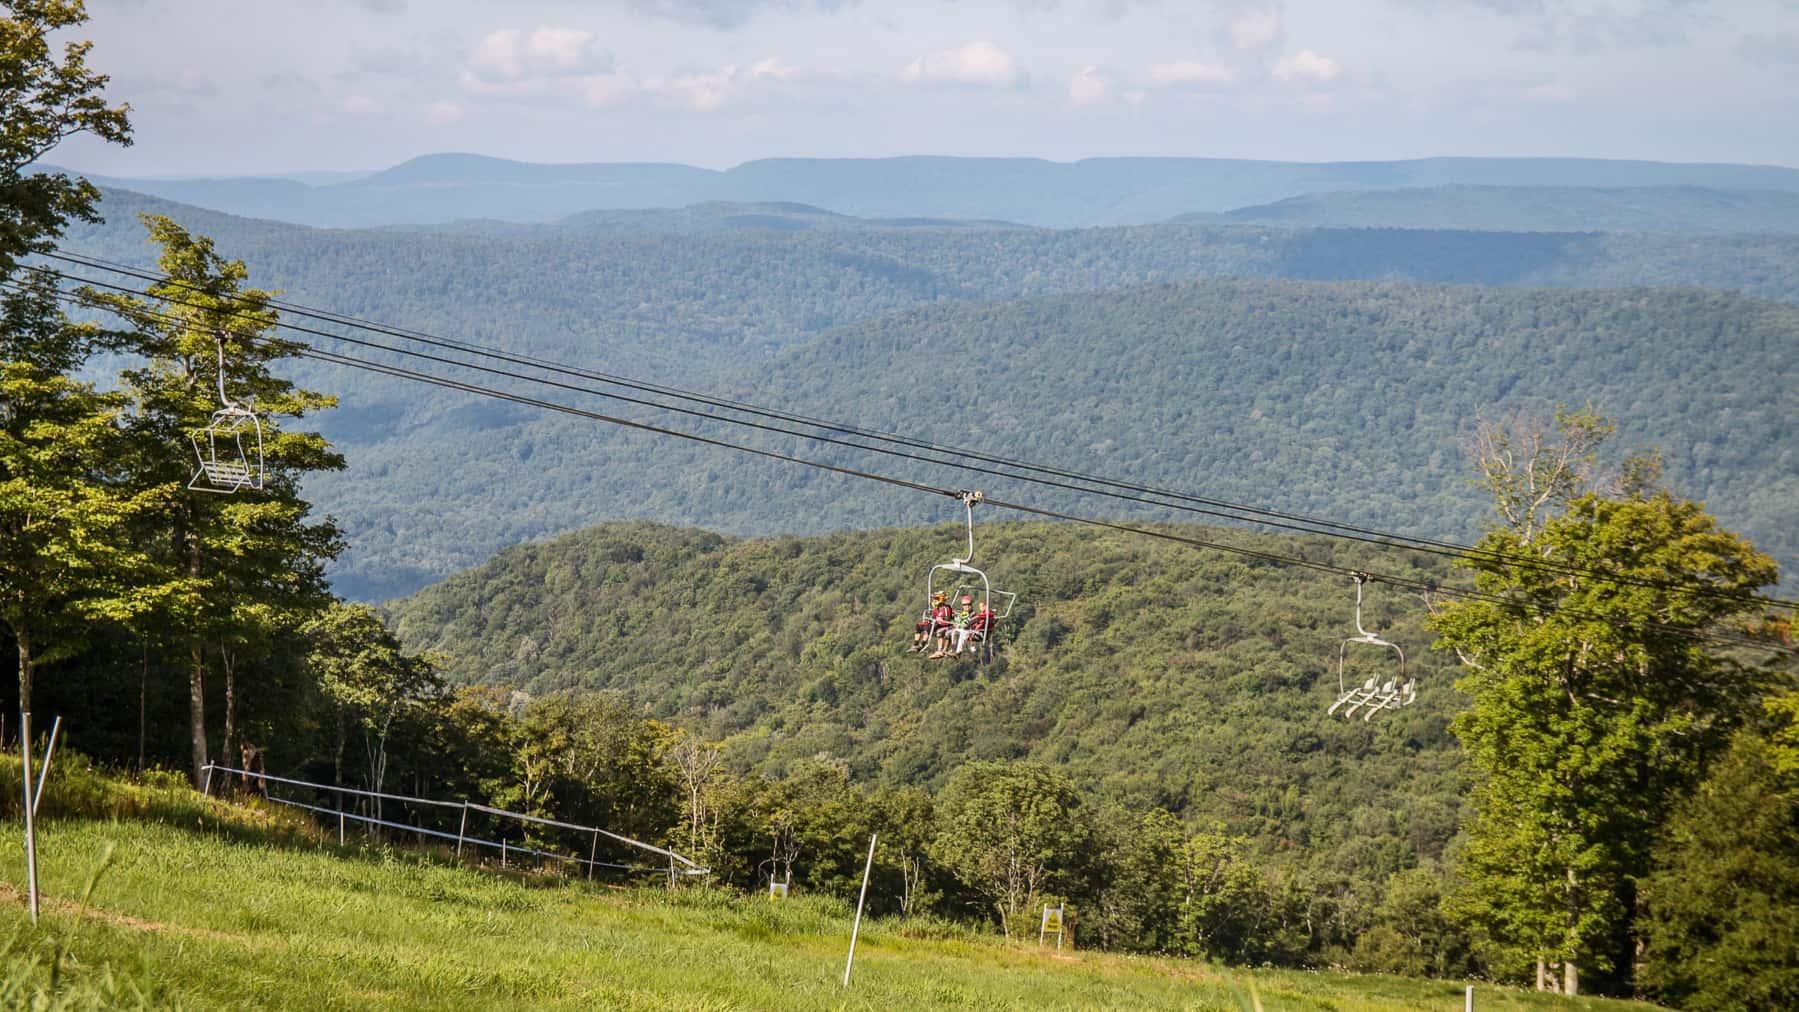 Snowshoe Mountain Resort In West Virginia Is Even Better